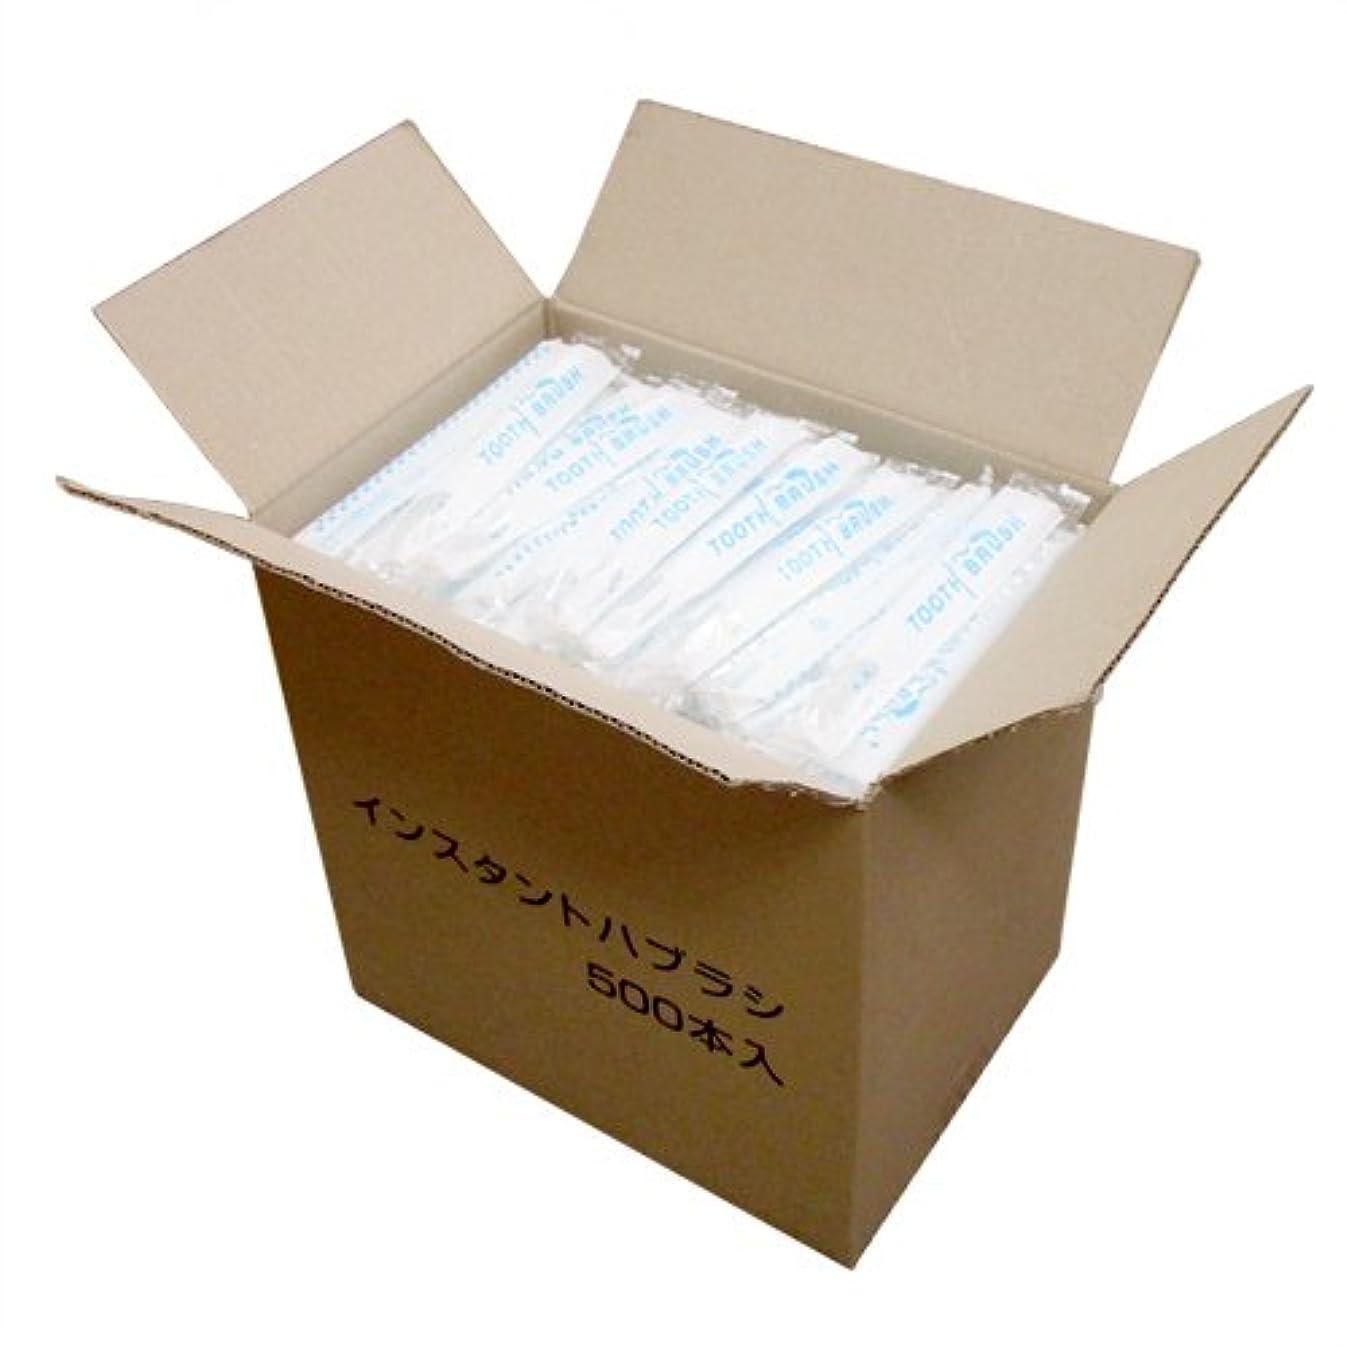 主張乞食含意業務用 日本製 使い捨て粉付き歯ブラシ 個包装タイプ 500本入×1箱│ホテルアメニティ